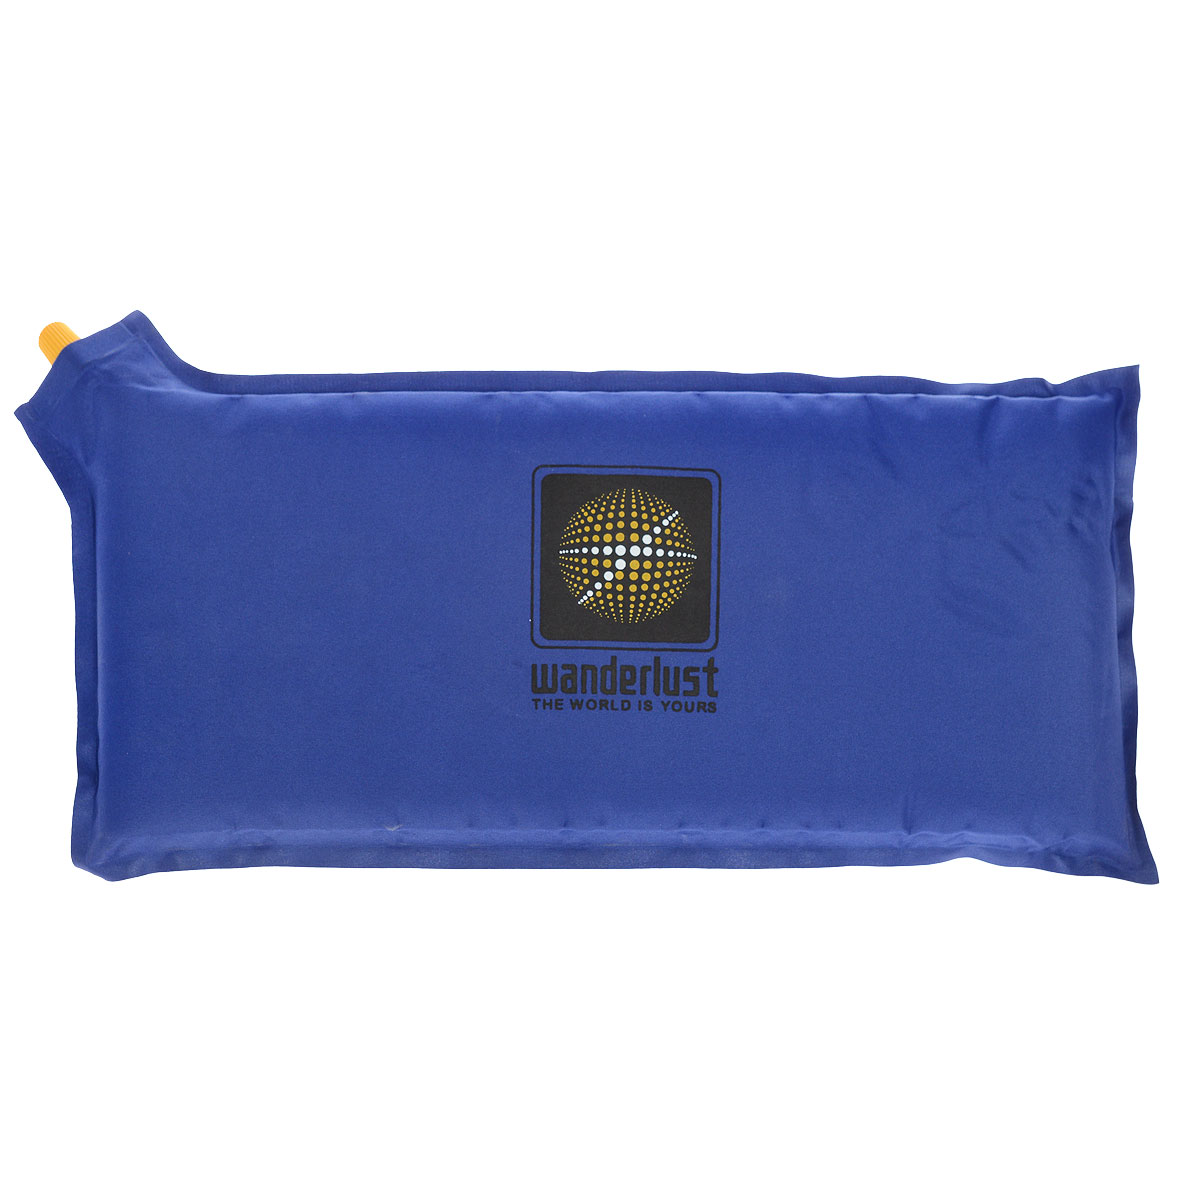 Коврик-сиденье Wanderlust Seat III, самонадувающийся, цвет: синий16083_синийСамонадувающийся коврик-сиденье Wanderlust Seat III станет прекрасной заменой громоздкой кемпинговой мебели. Выполнен из высококачественного полиэстера 75D с пропиткой ПВХ, наполнитель - вспененный полиуретан.В комплект входит ремонтный набор. УВАЖАЕМЫЕ КЛИЕНТЫ! Обращаем ваше внимание на тот факт, что при открытии клапана коврик надувается самостоятельно, но до полной упругости необходим дополнительный поддув.